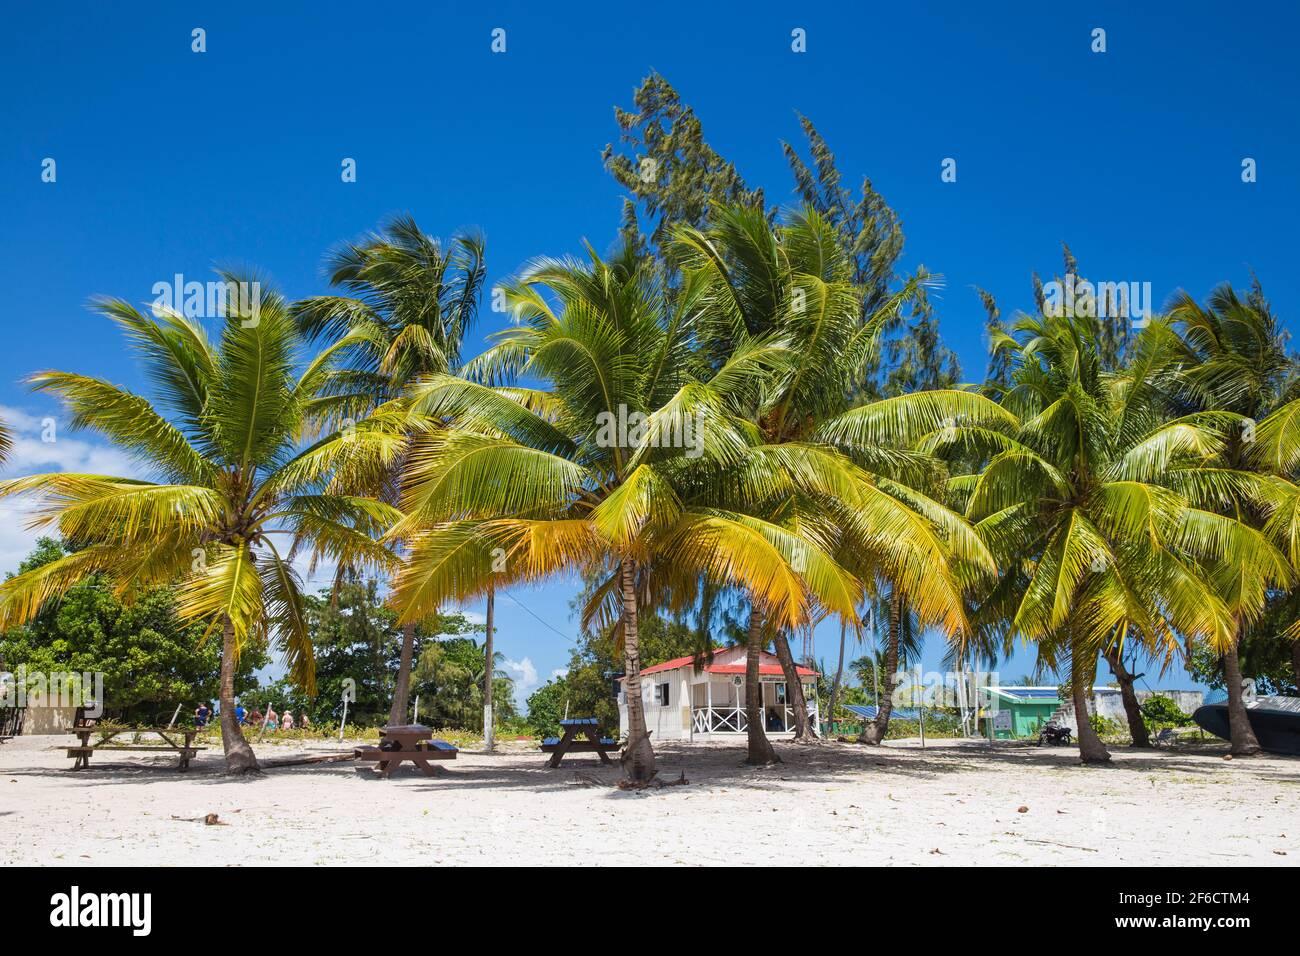 República Dominicana, Punta Cana, Parque Nacional del este, Isla Saona, Playa en el pueblo pesquero de mano Juan Foto de stock